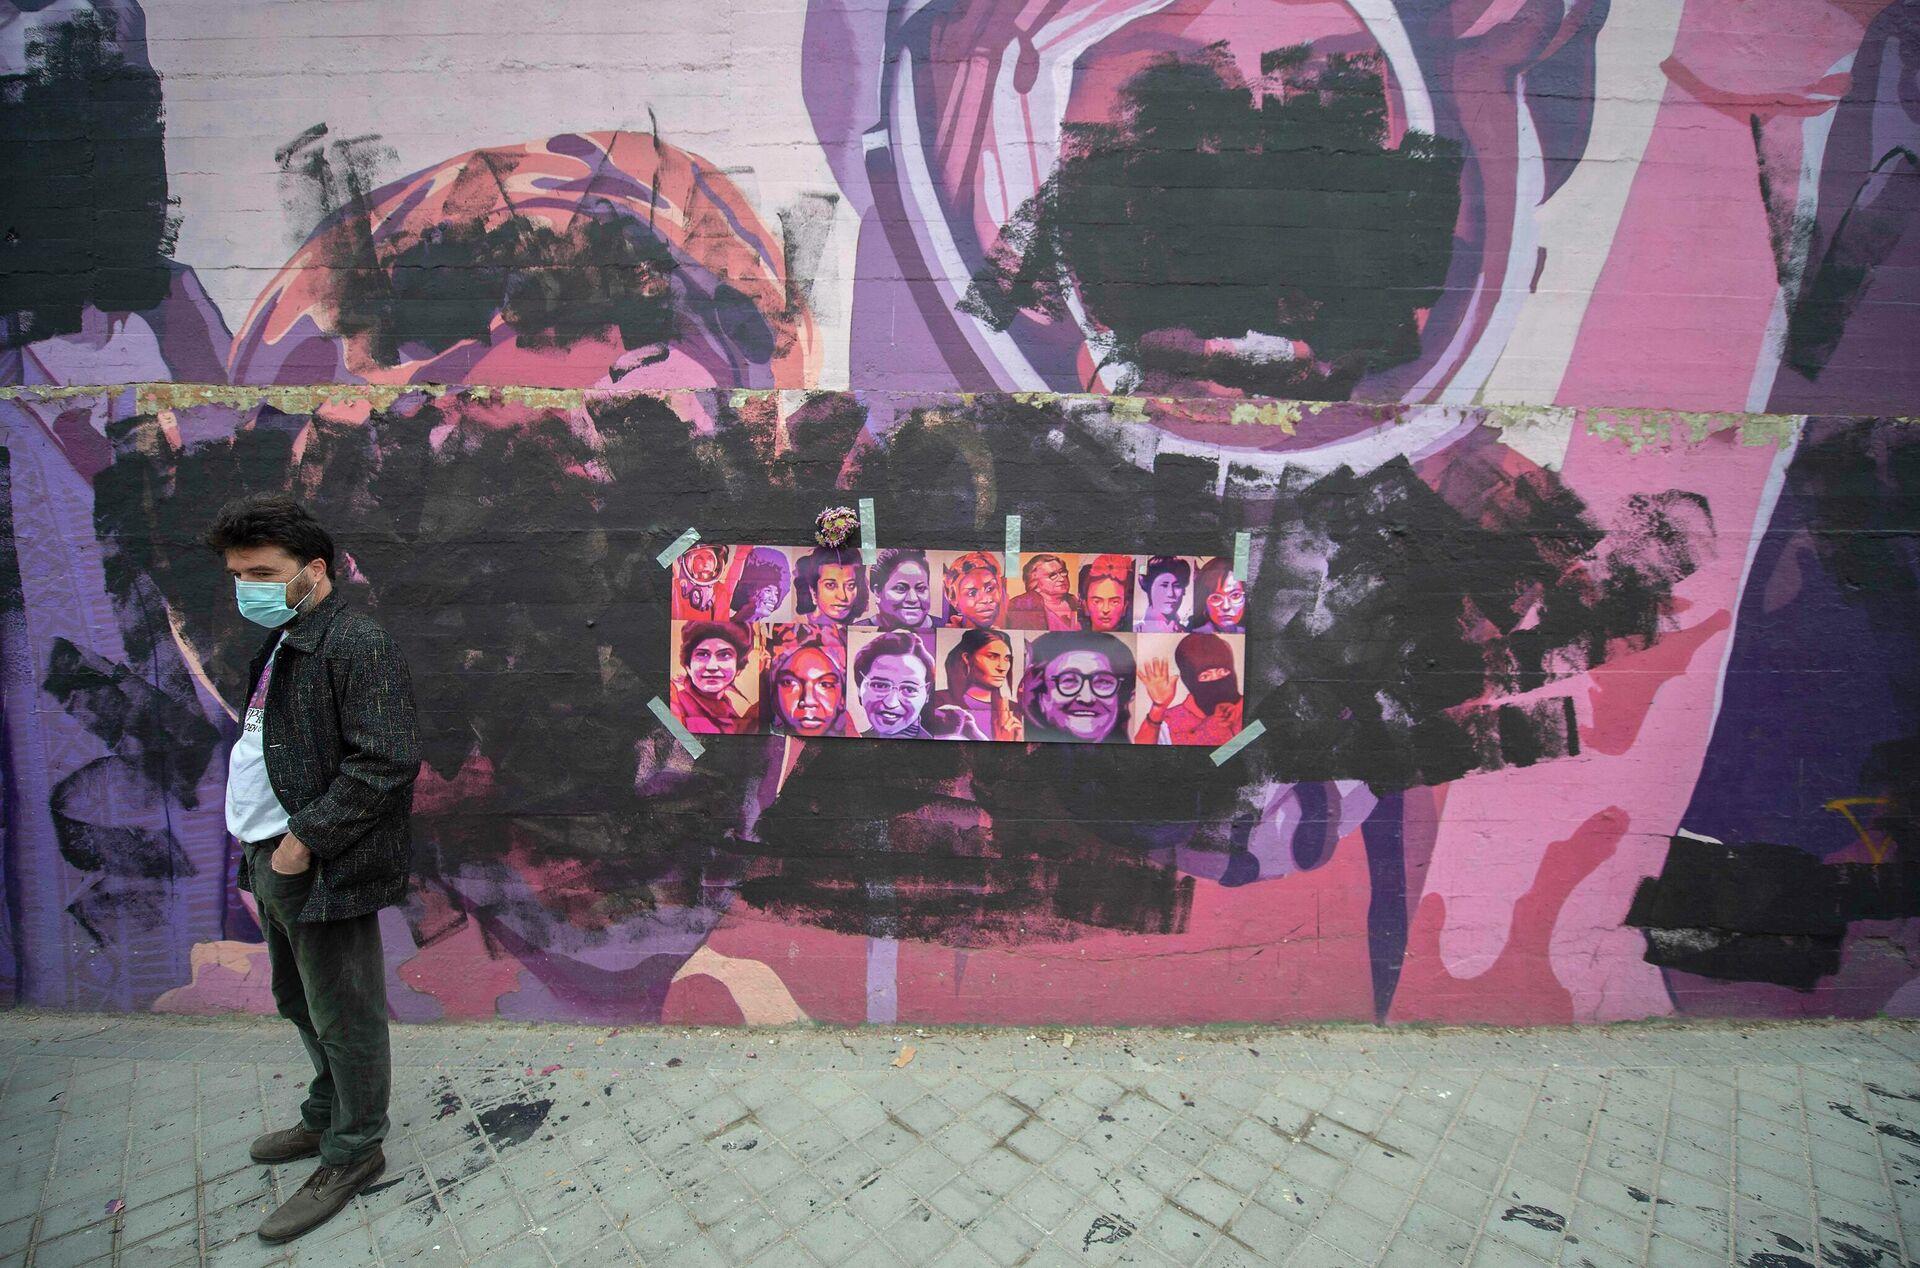 Un hombre pasa al lado del mural feminista que ha sido vandalizado.  - Sputnik Mundo, 1920, 08.03.2021